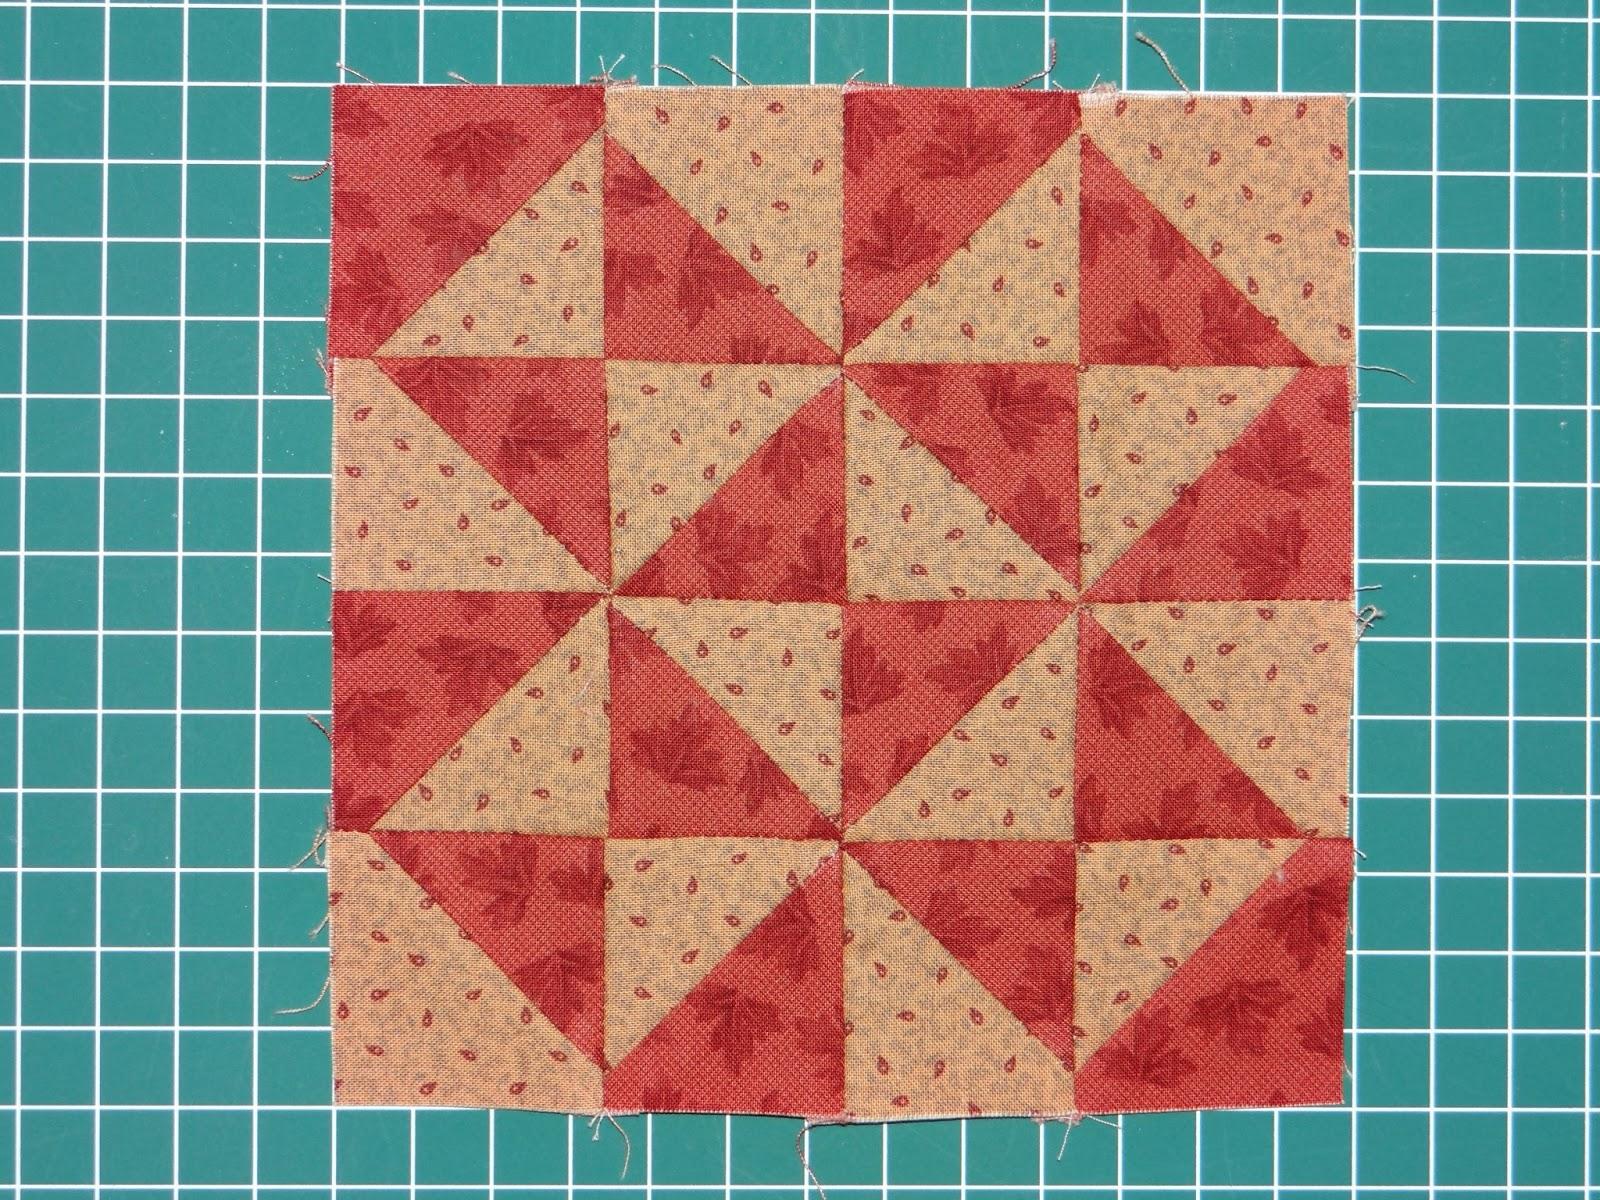 Crochet Patterns Quilt Blocks : Cook Quilt Crochet: The FWSQ: Broken Dishes Block